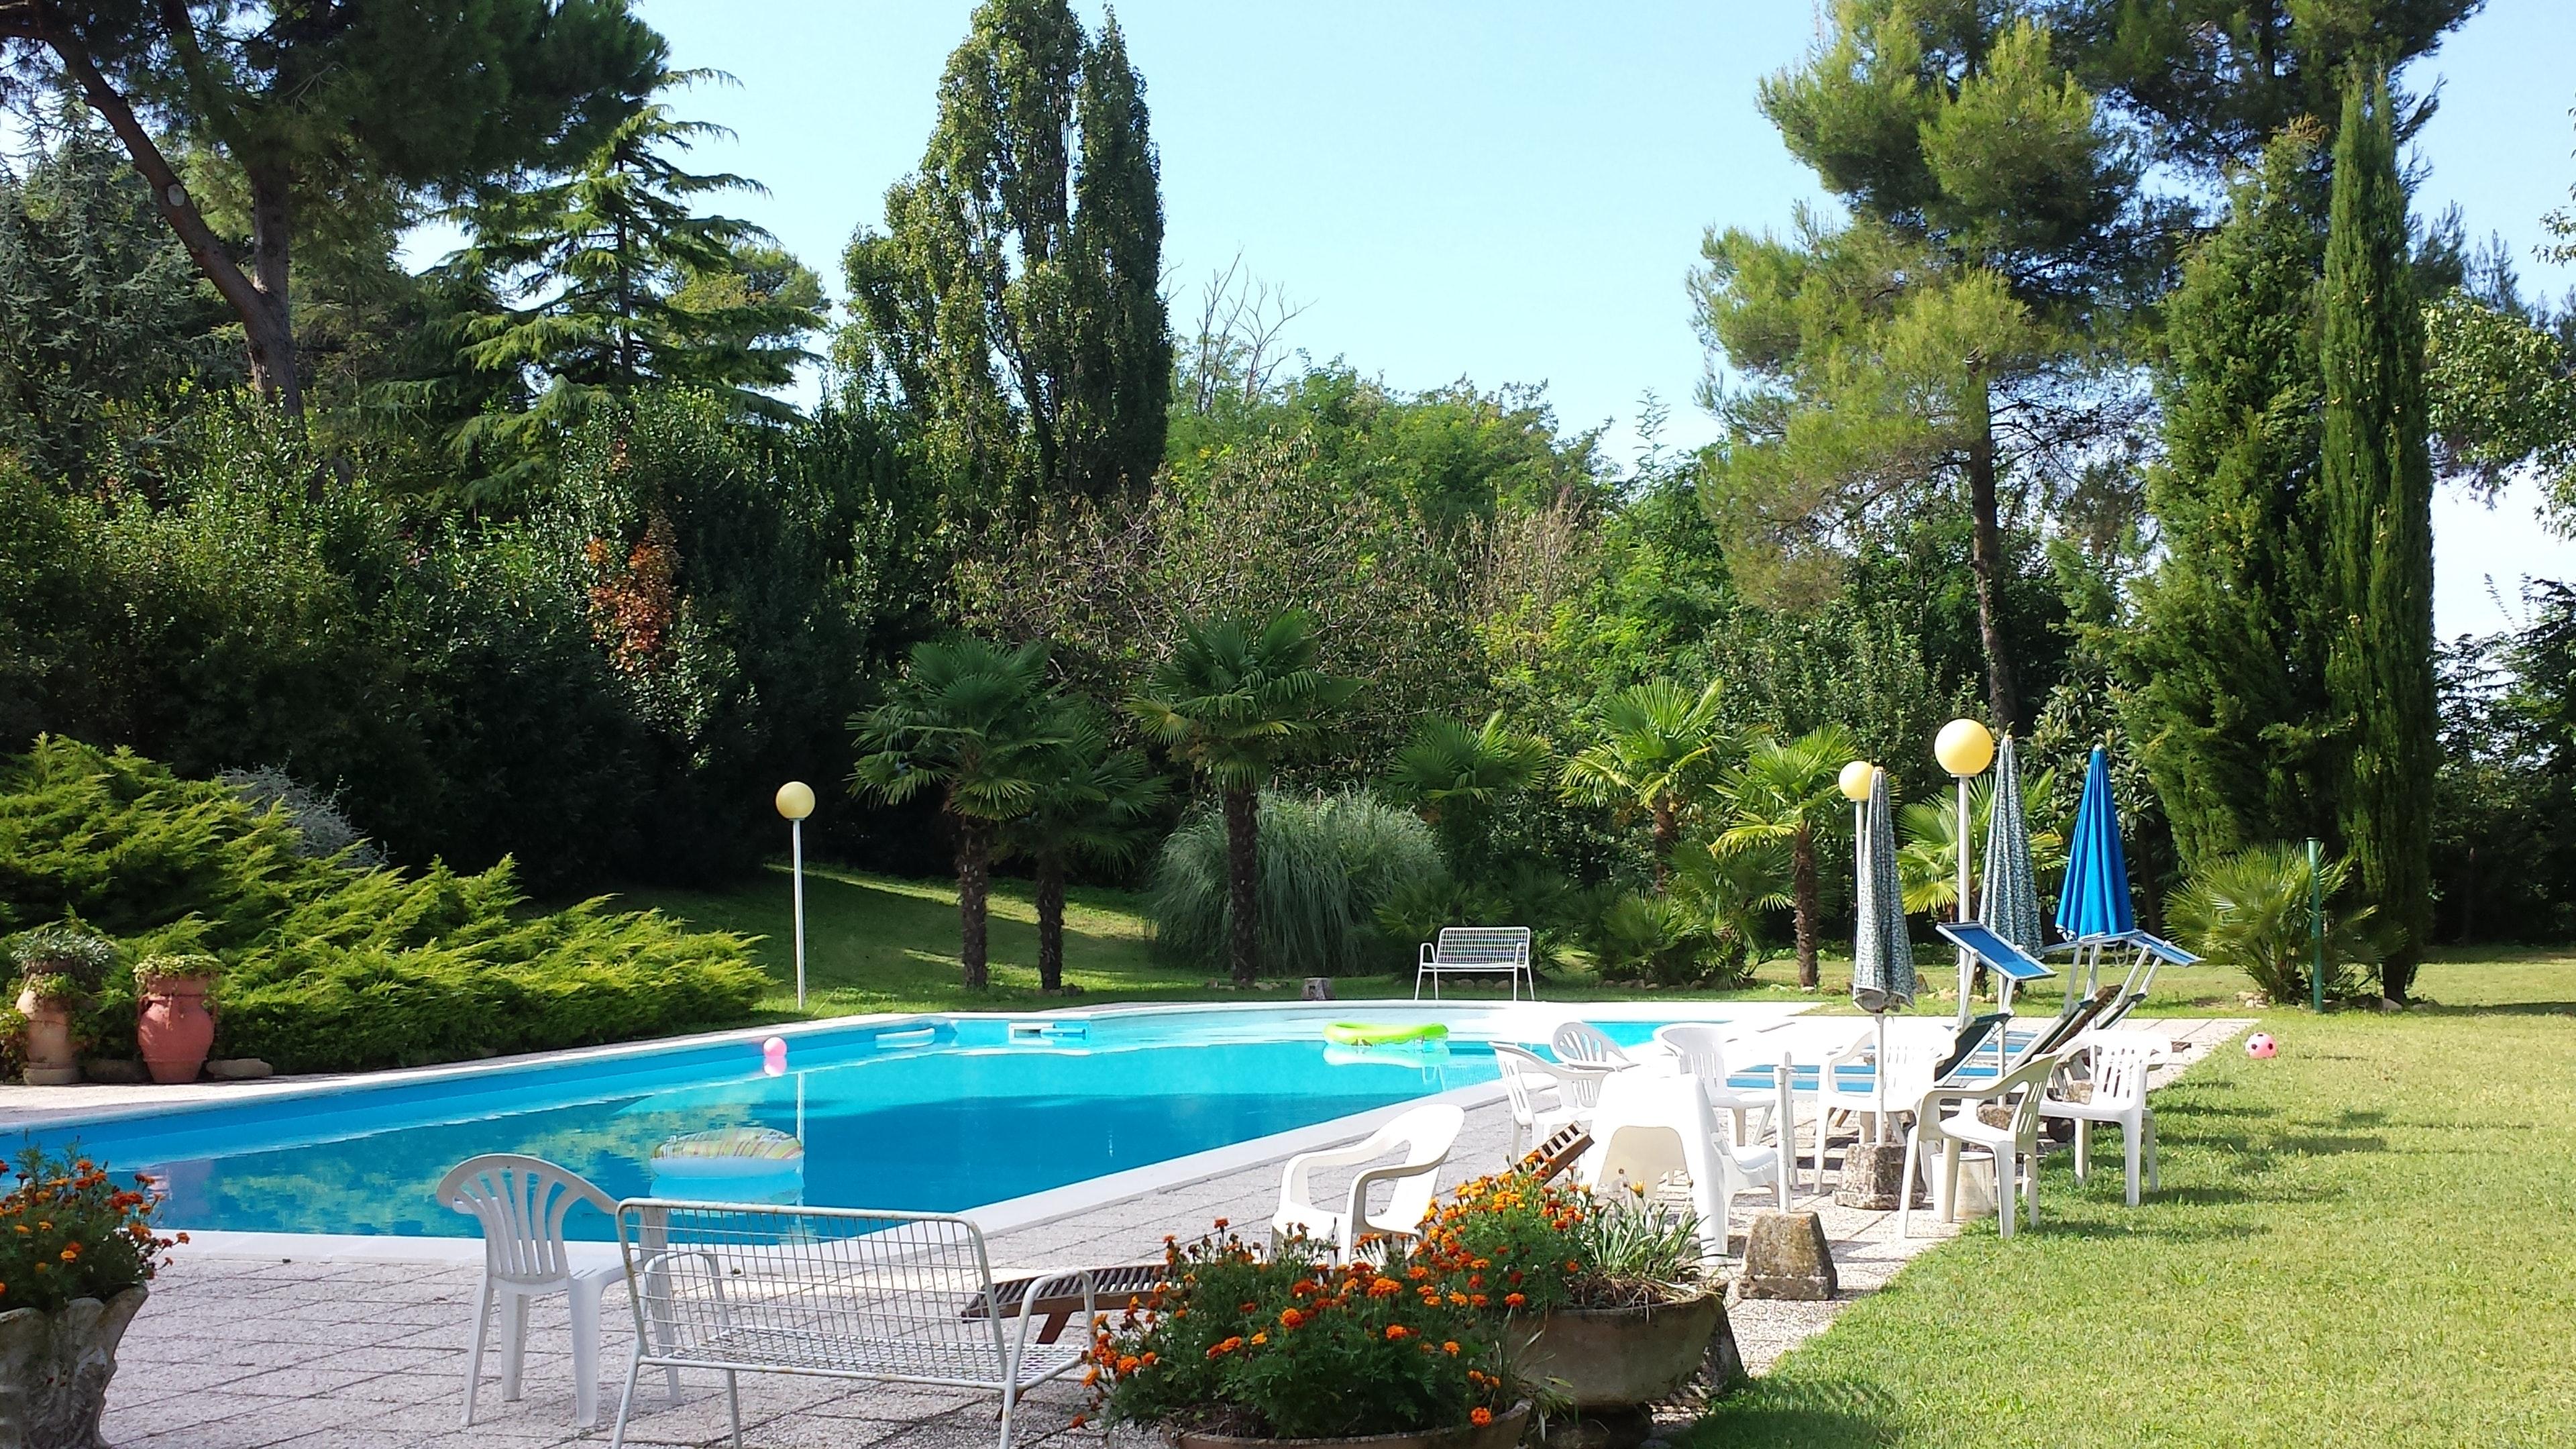 Ferienwohnung Wohnung mit 3 Schlafzimmern in Pesaro mit Pool, eingezäuntem Garten und W-LAN - 4 km vom S (2339355), Pesaro, Pesaro und Urbino, Marken, Italien, Bild 2